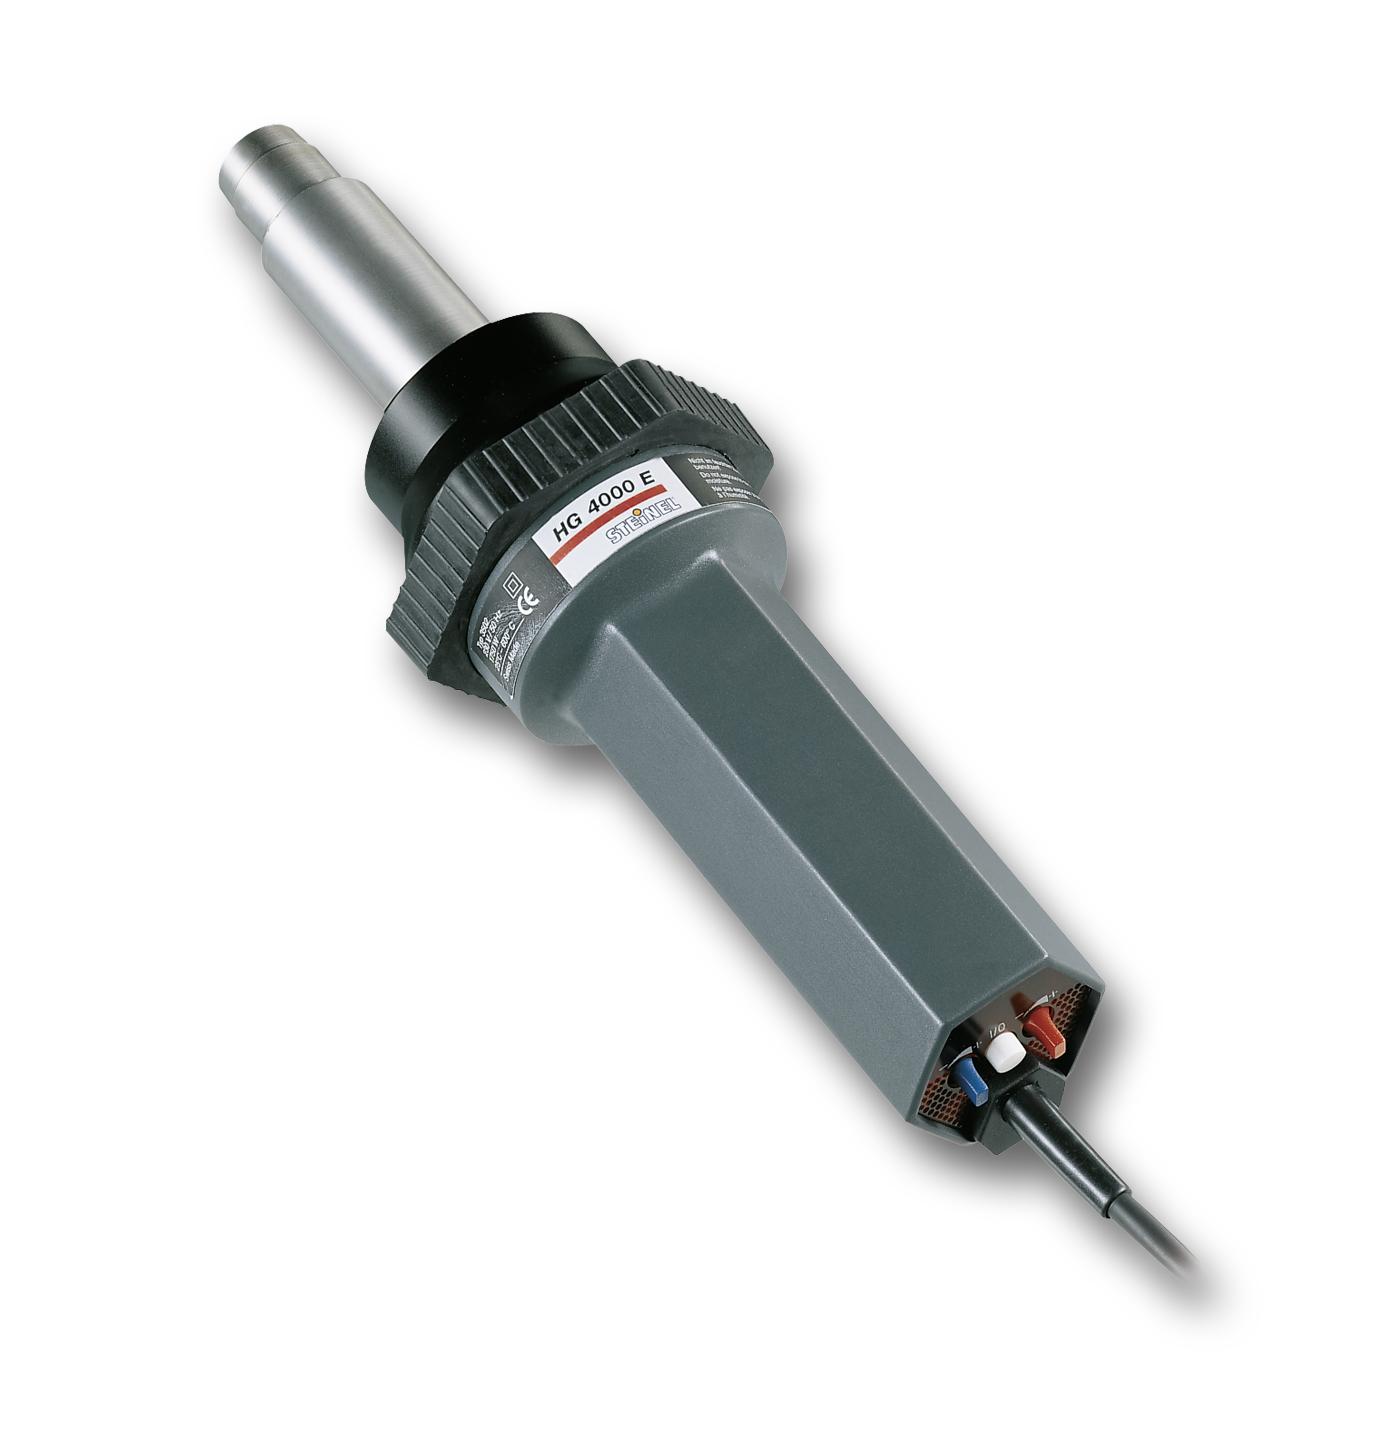 Hetluftspistol HG 4000 E